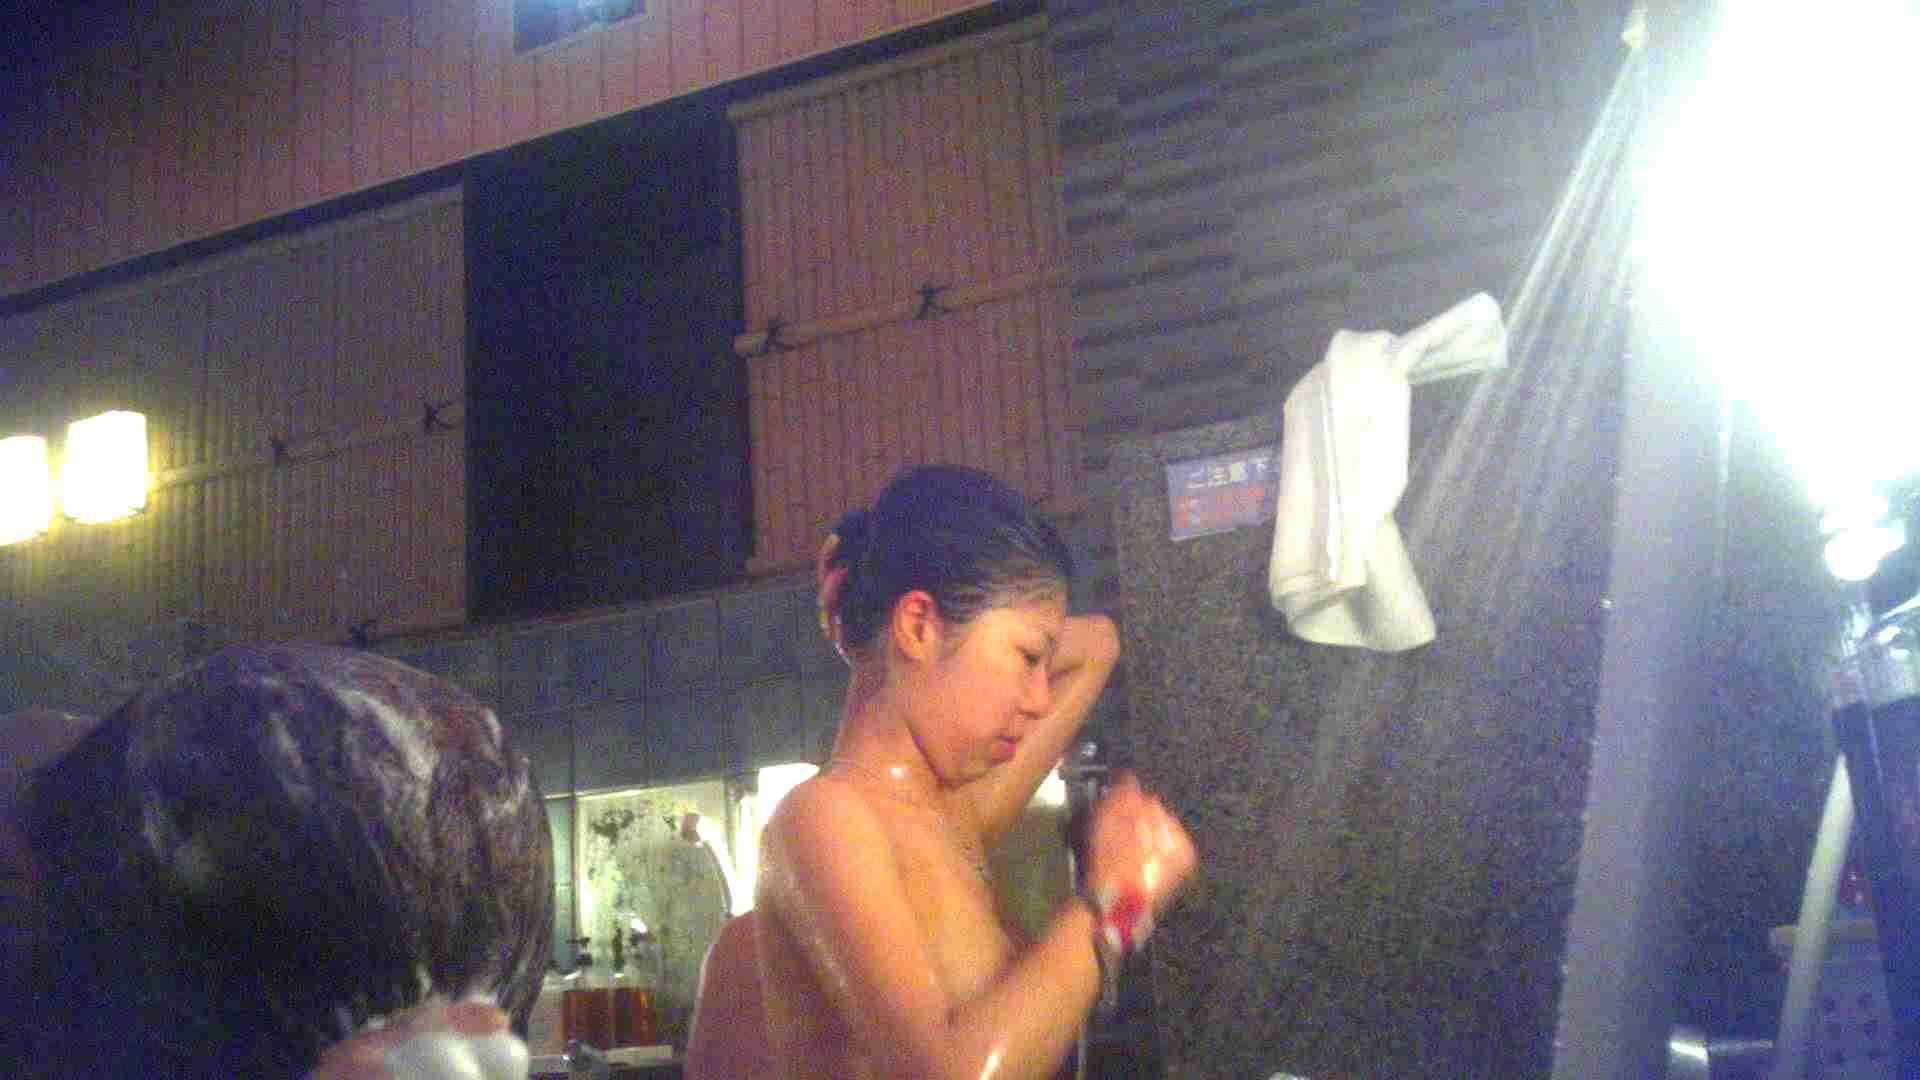 トイレ盗撮|TG.13 【一等兵】可愛い・・・特に目が素敵・・・見つめられると・・・|怪盗ジョーカー